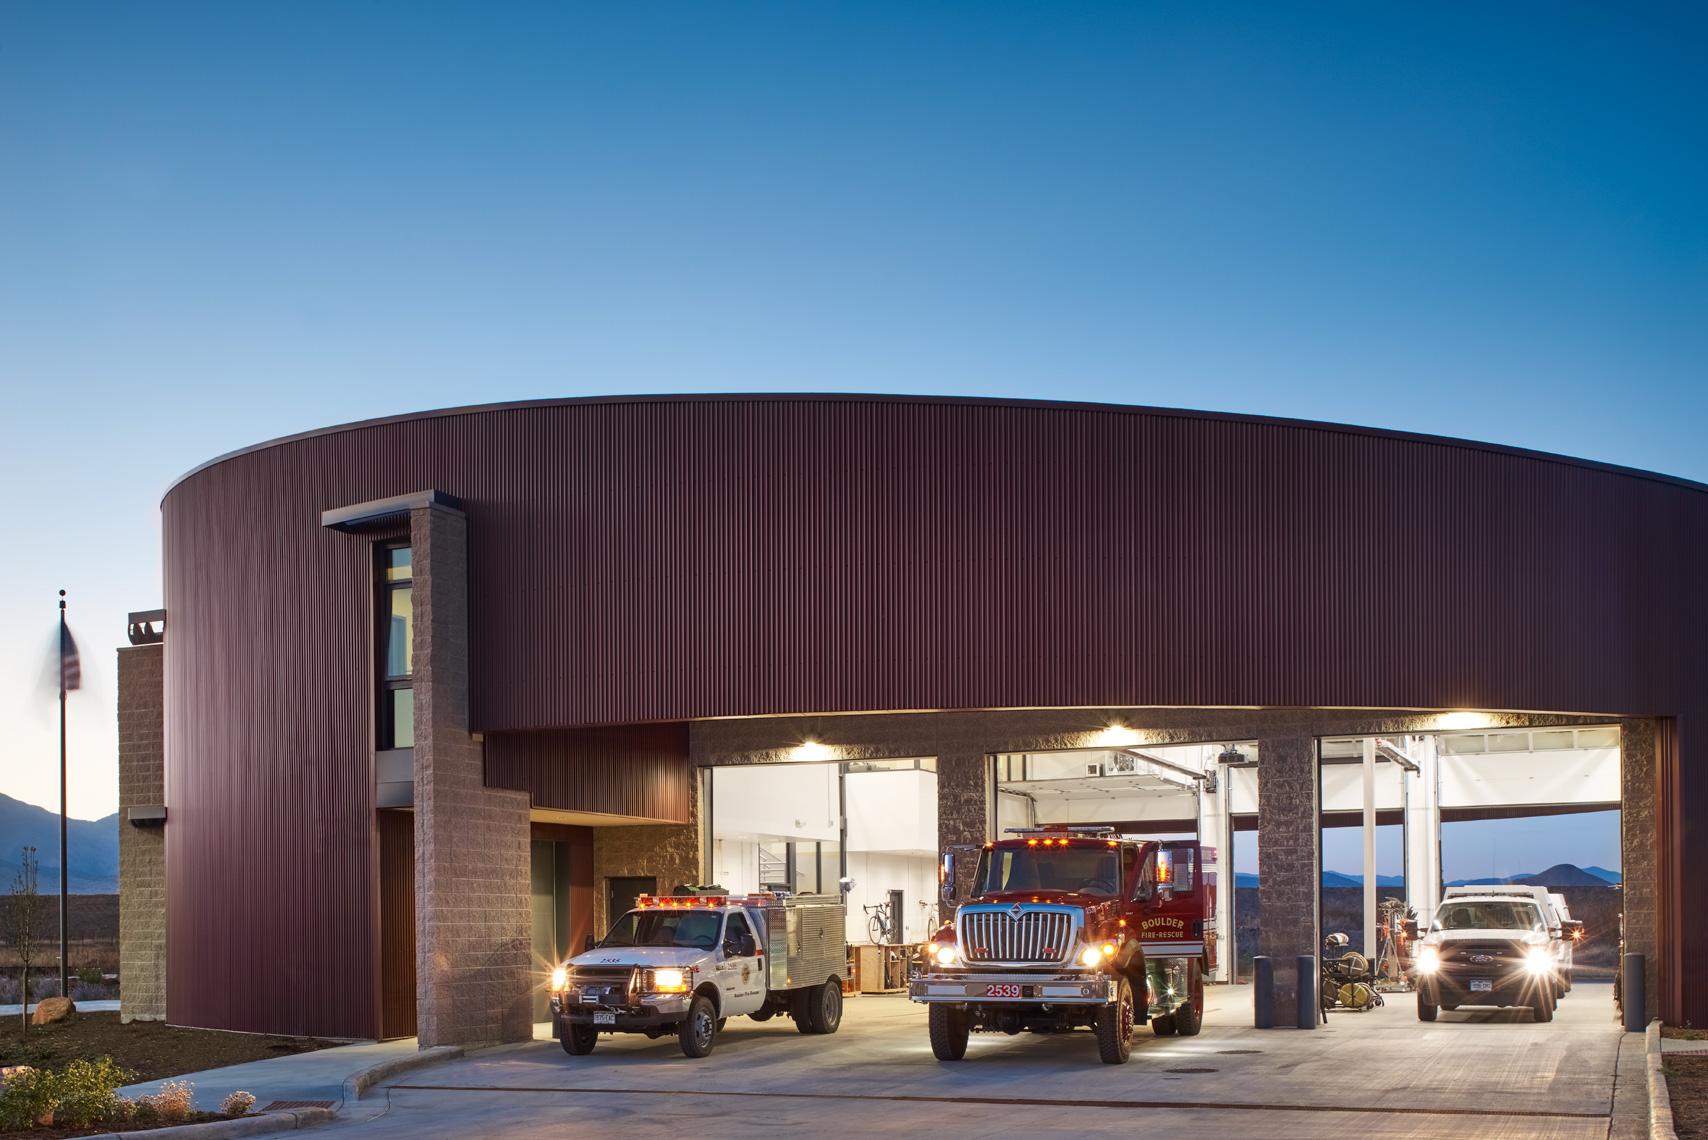 Wildland Fire Station